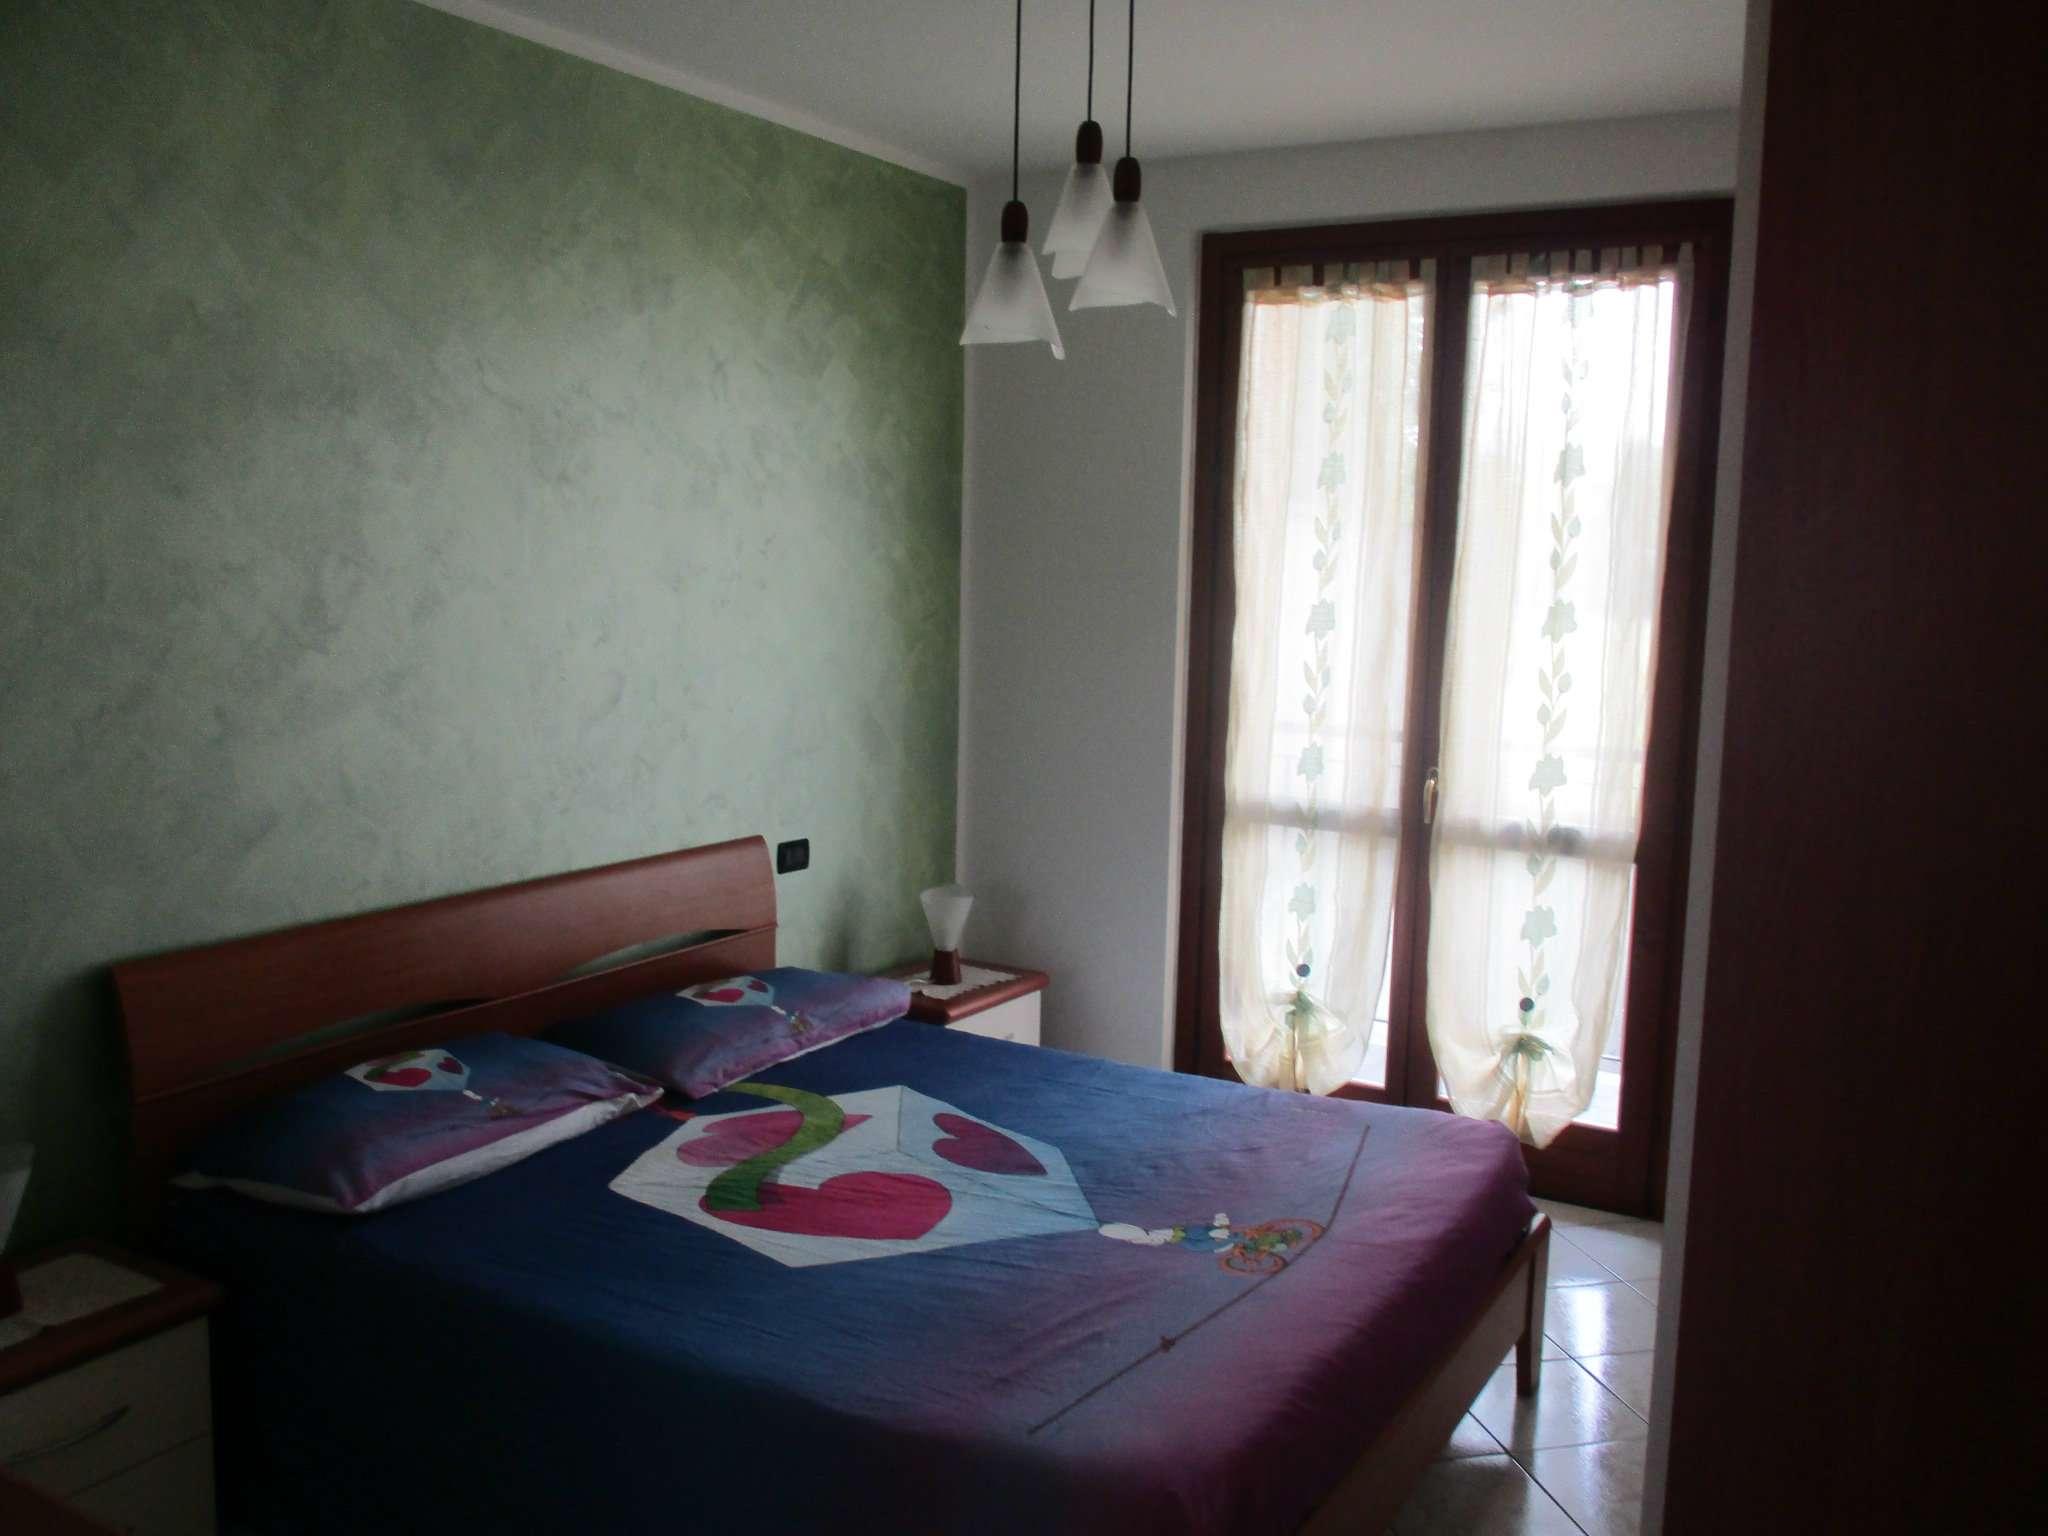 Appartamento in vendita a Romano di Lombardia, 2 locali, prezzo € 90.000 | CambioCasa.it